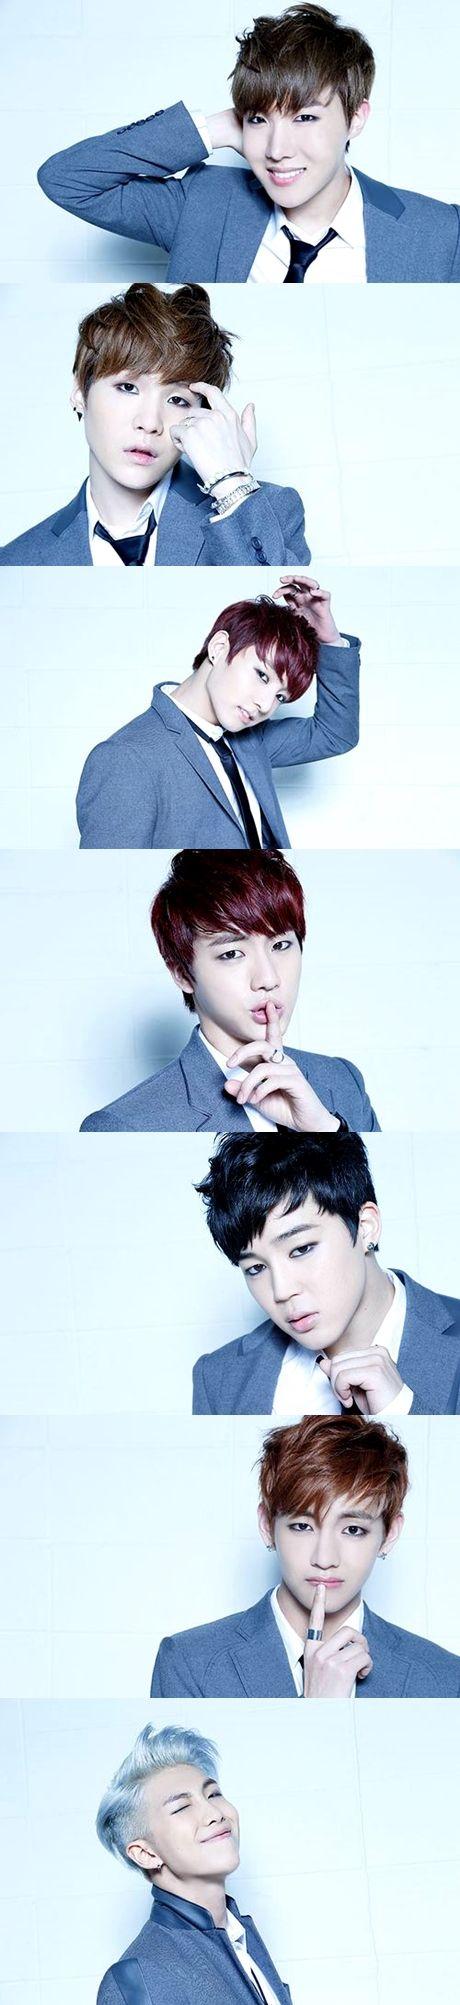 J-Hope + Suga + Jungkook + Jin + Jimin + V + Rap Monster = BTS... MY BABES <3 OHGHAAAD, TOO SIZZLING HOT, MEN!